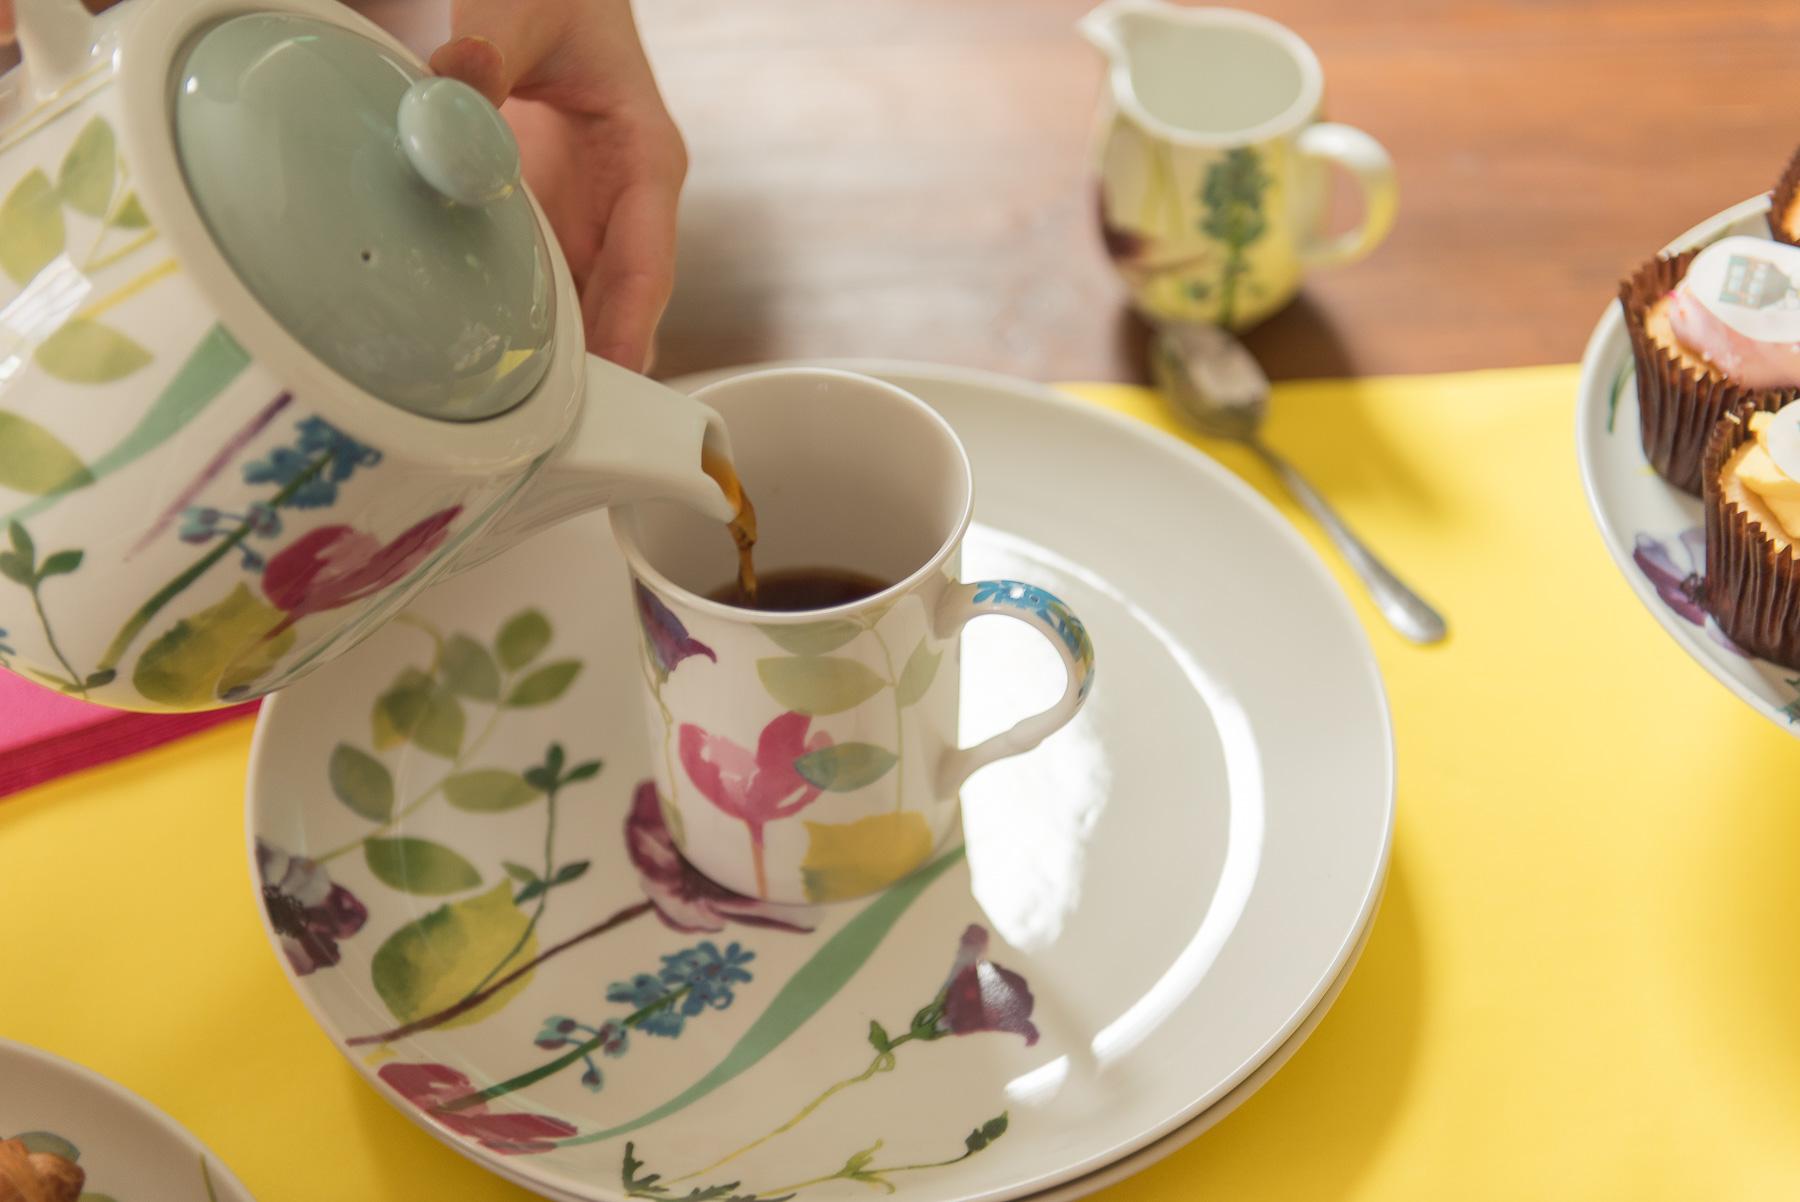 Water garden teapot, mug and saucer